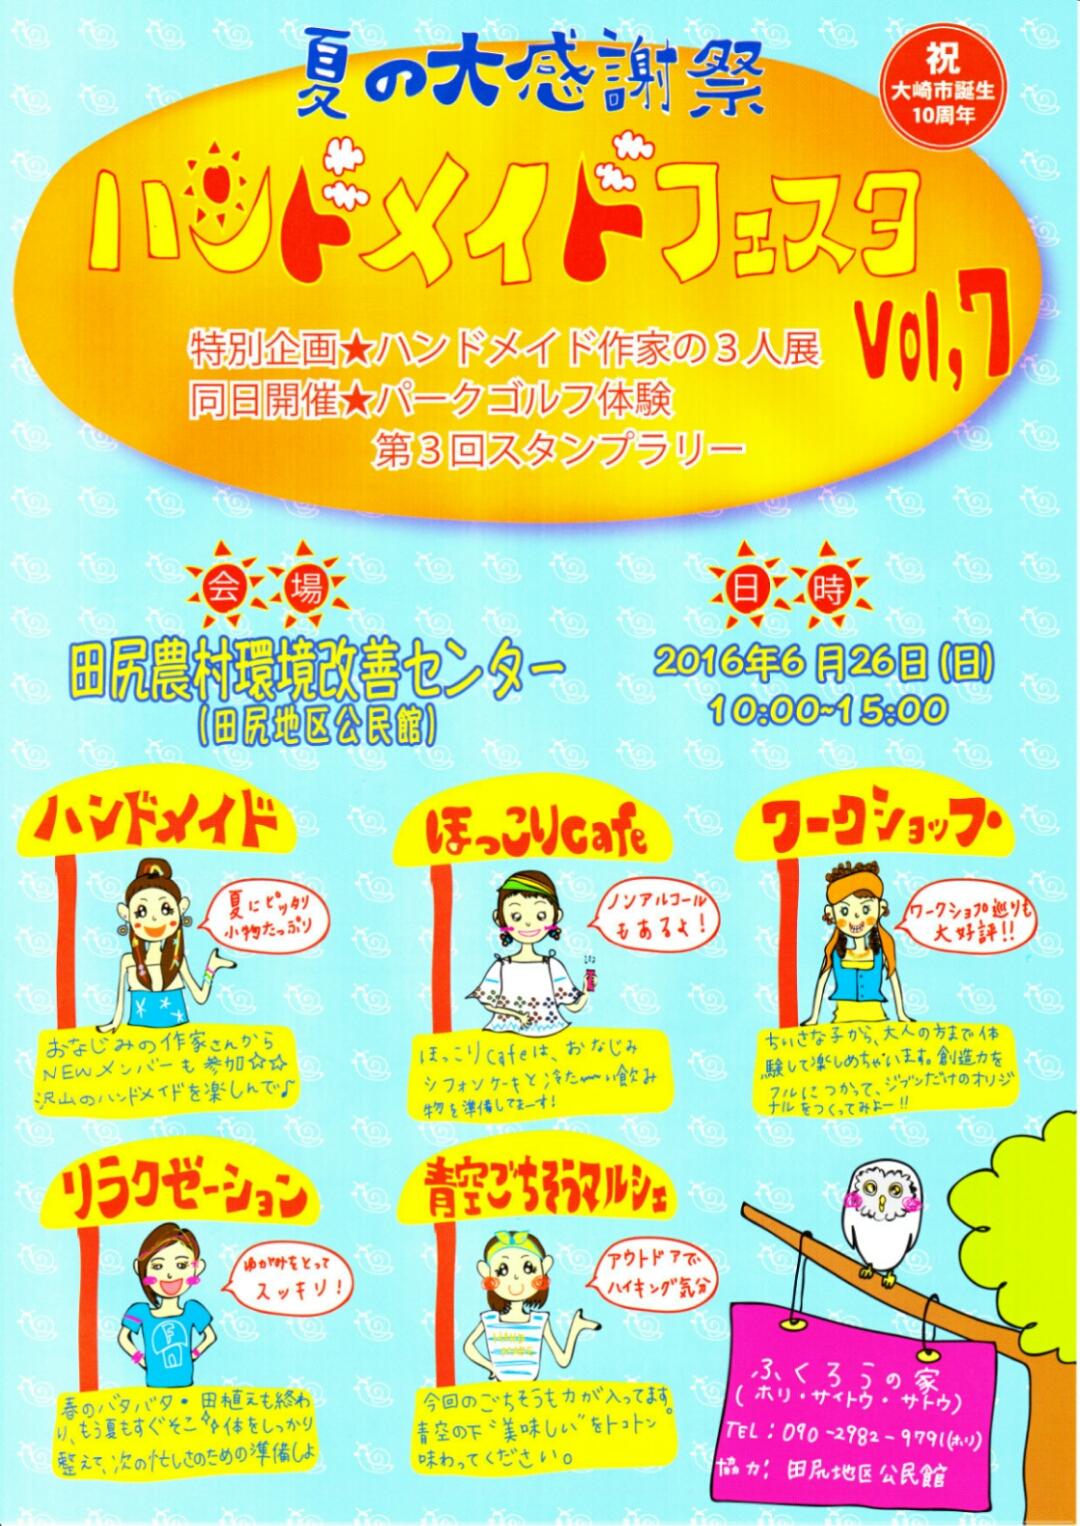 ハンドメイドフェスタ vol,7